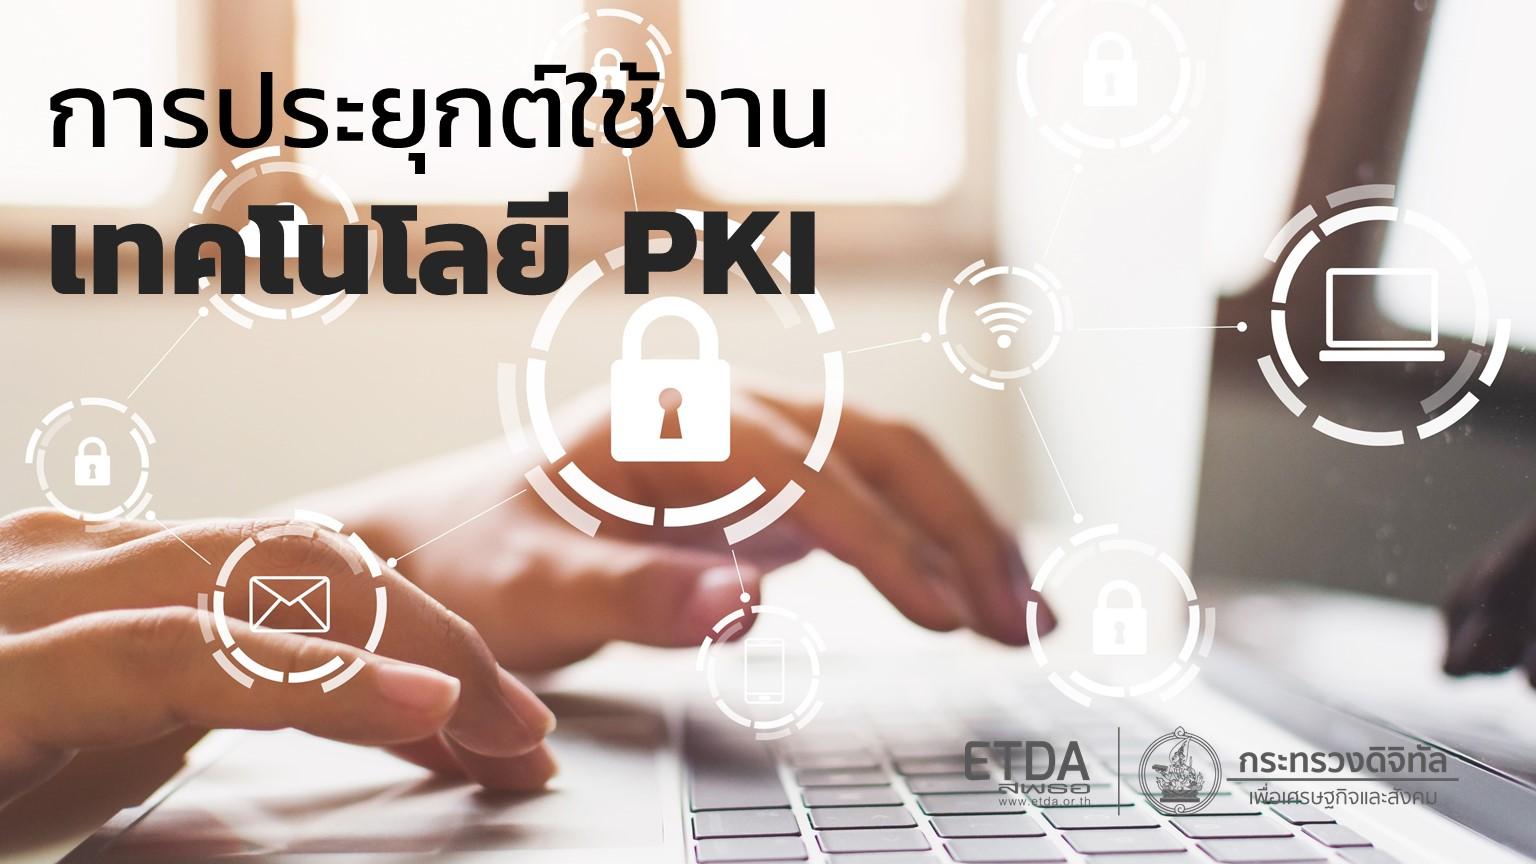 การประยุกต์ใช้งานเทคโนโลยีโครงสร้างพื้นฐานกุญแจสาธารณะ (PKI)